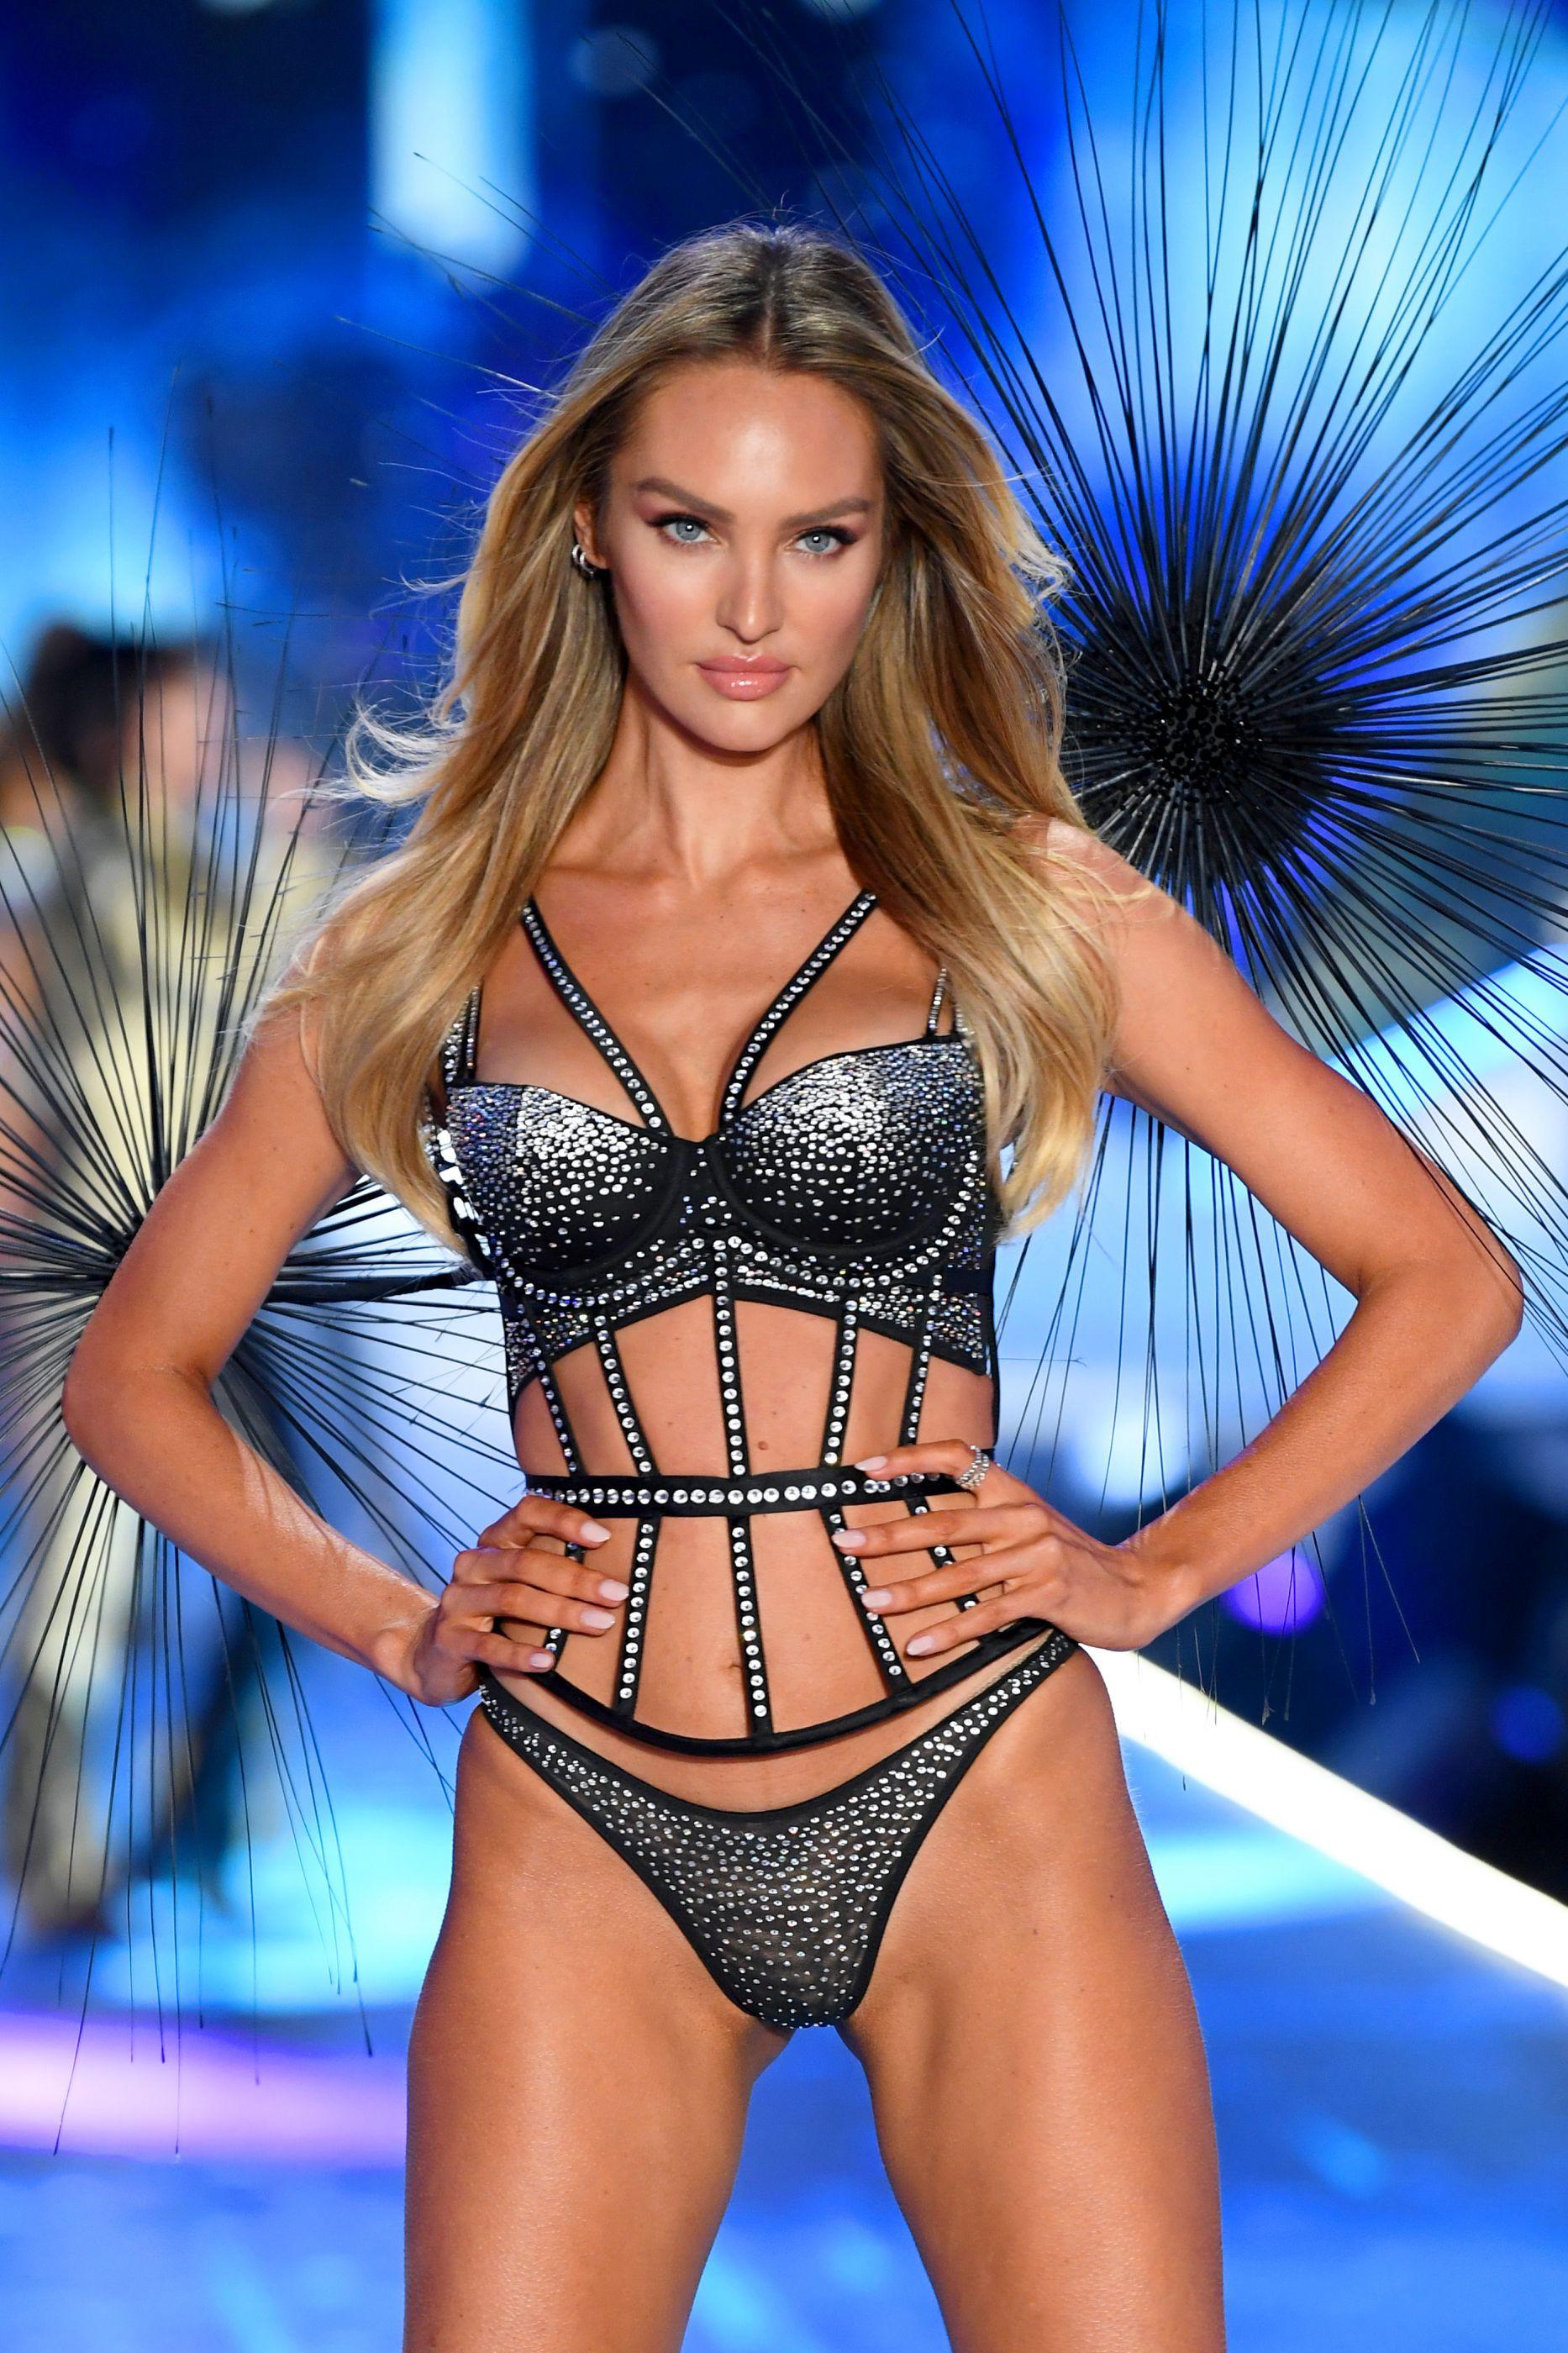 Candice Swanepoel desfila para a Victoria's Secret 5 meses após dar à luz